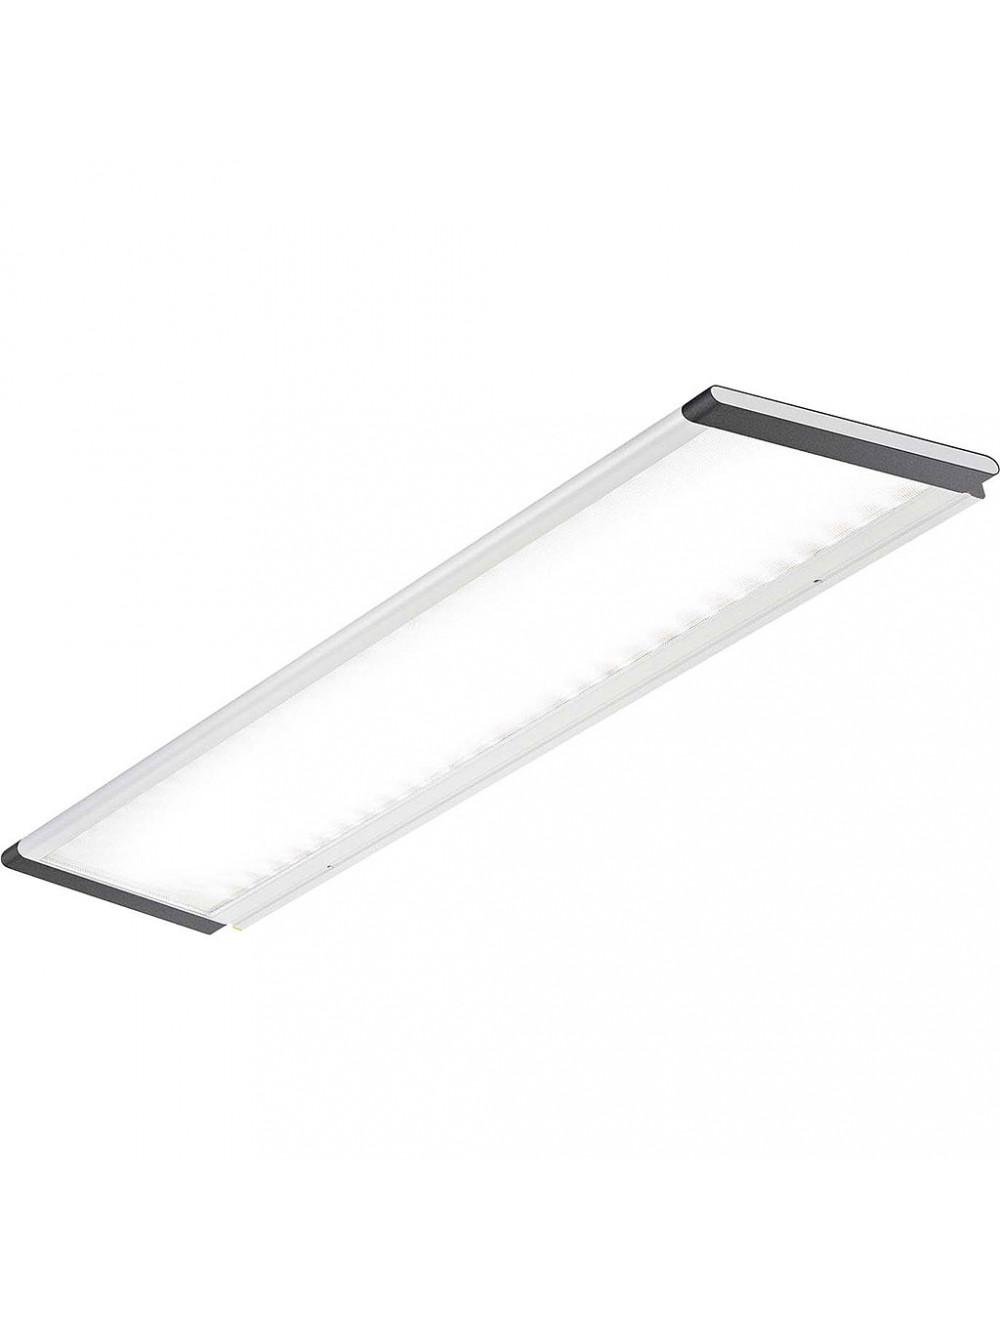 Das Produkt Reitel LED-Leuchte Comfort zur Wandmontage 19110000 aus dem Global-dent online shop.